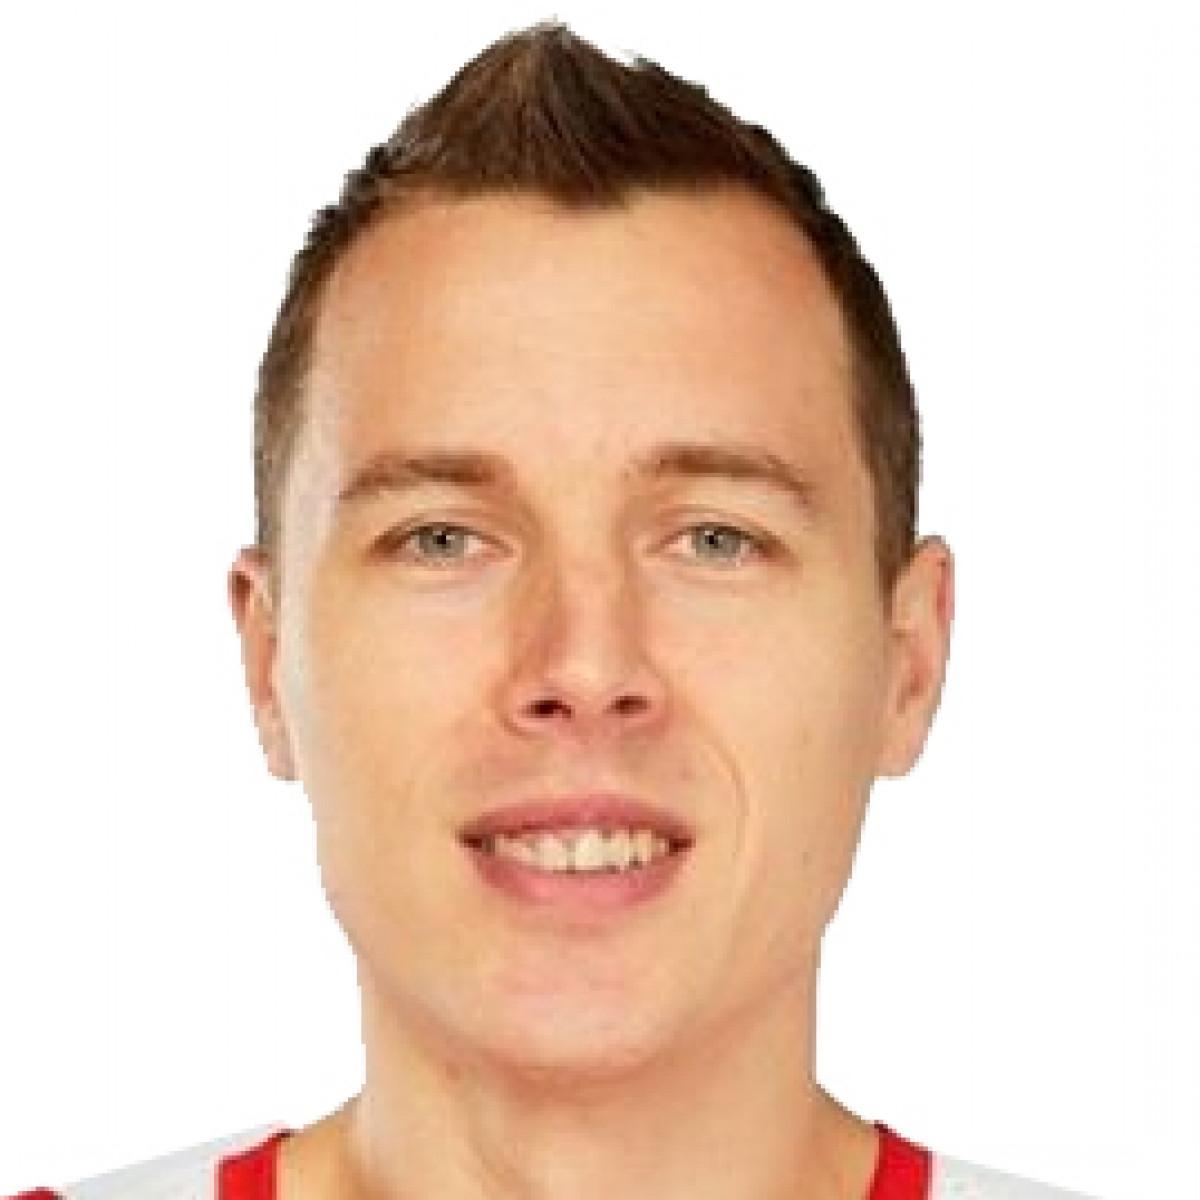 Vitali Malchevskiy